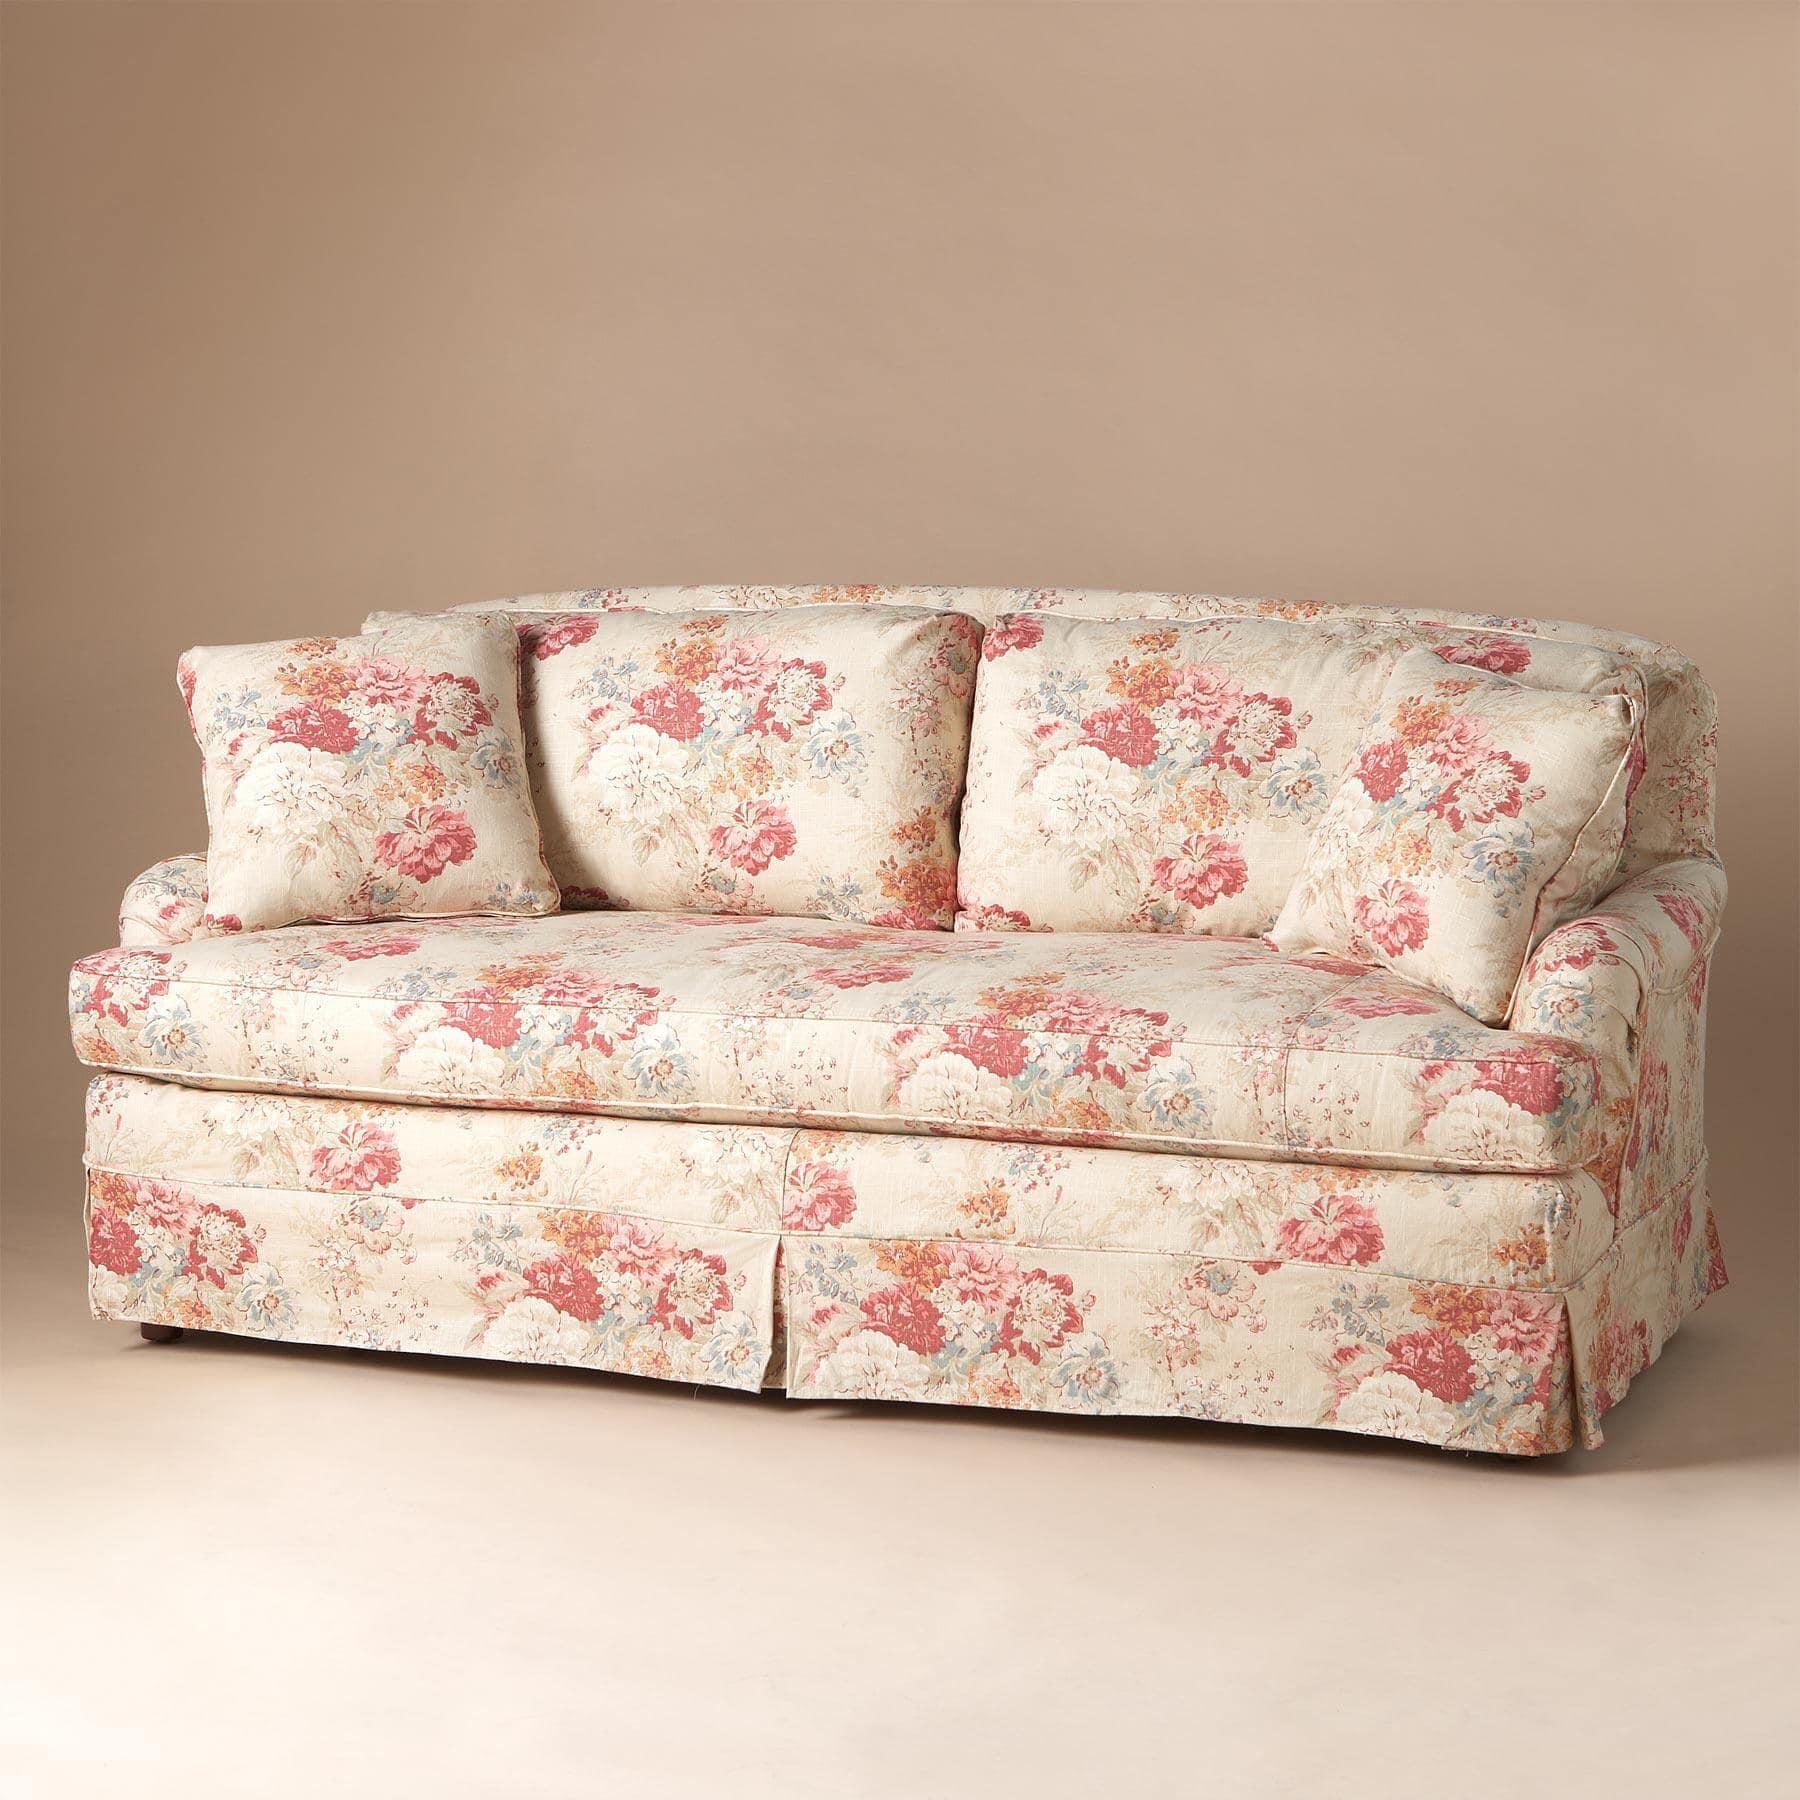 vintage-floral-sofa